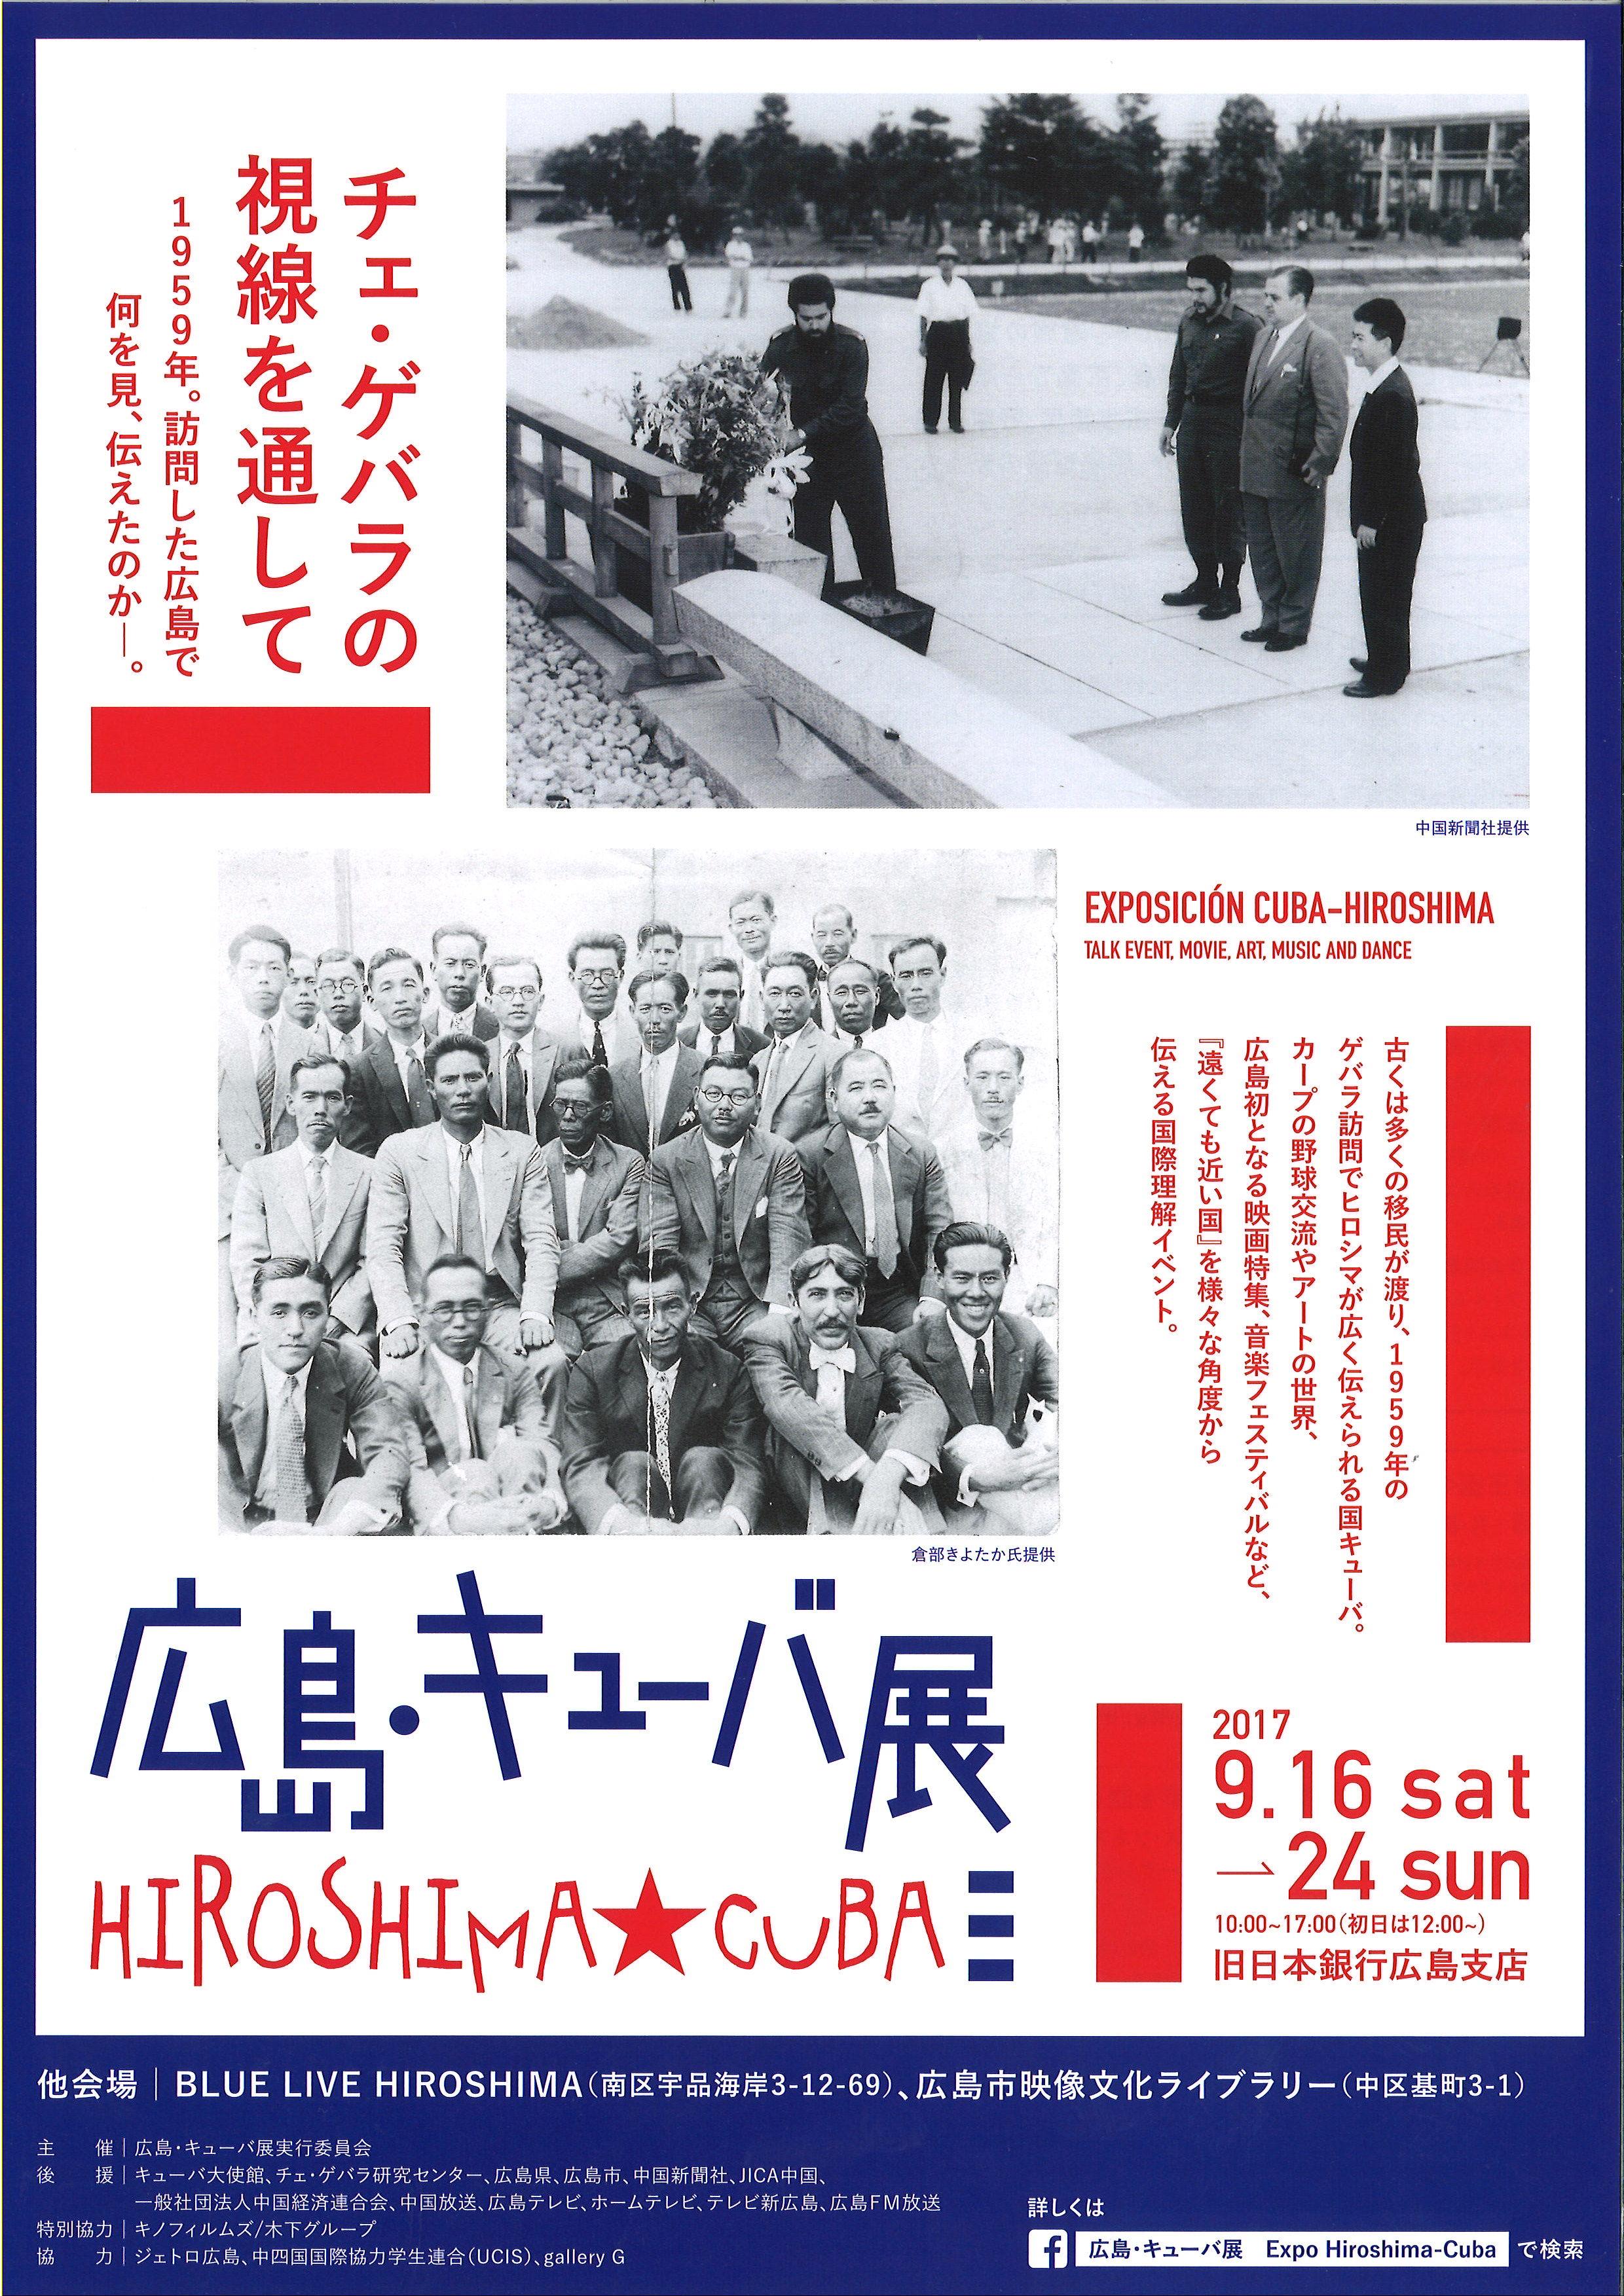 広島フィルム・コミッションからのお知らせ